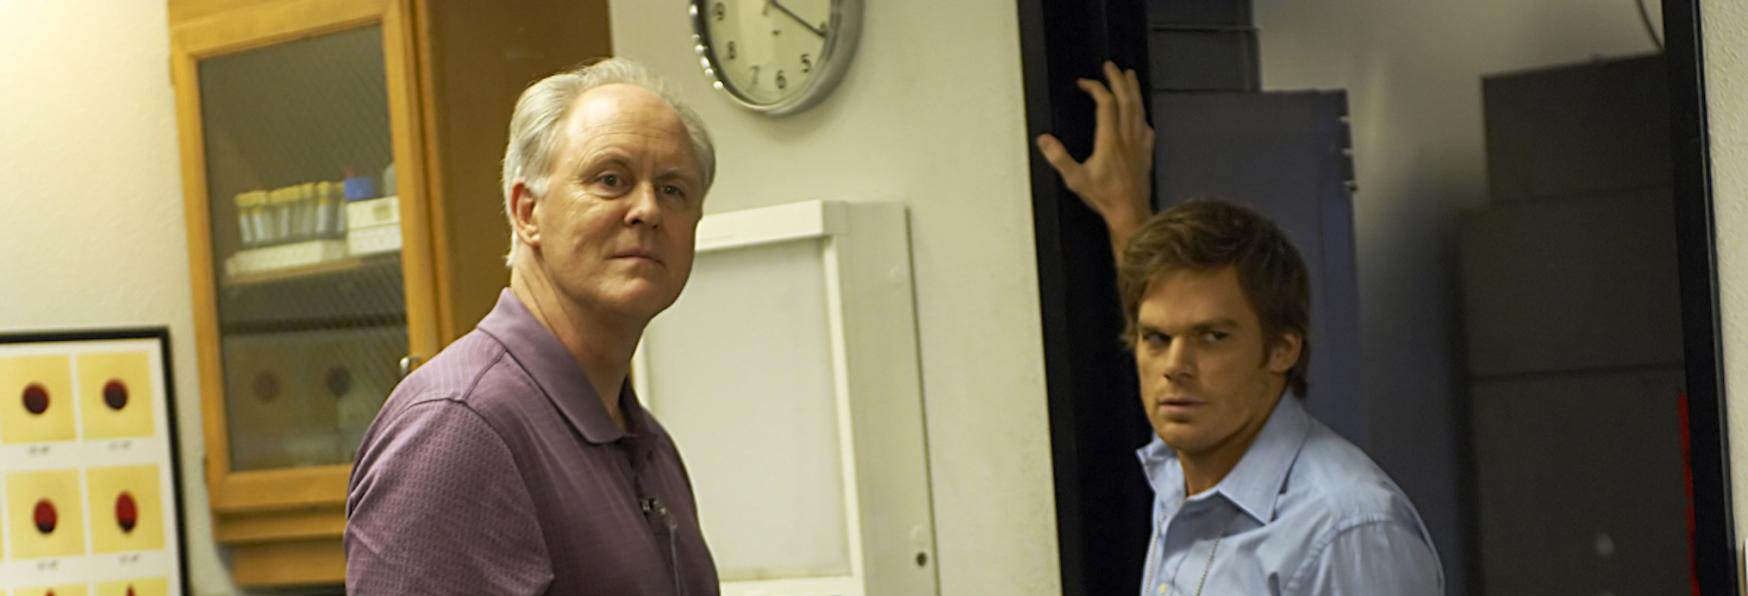 Dexter: John Lithgow tornerà nei panni di Trinity Killer nel nuovo Revival